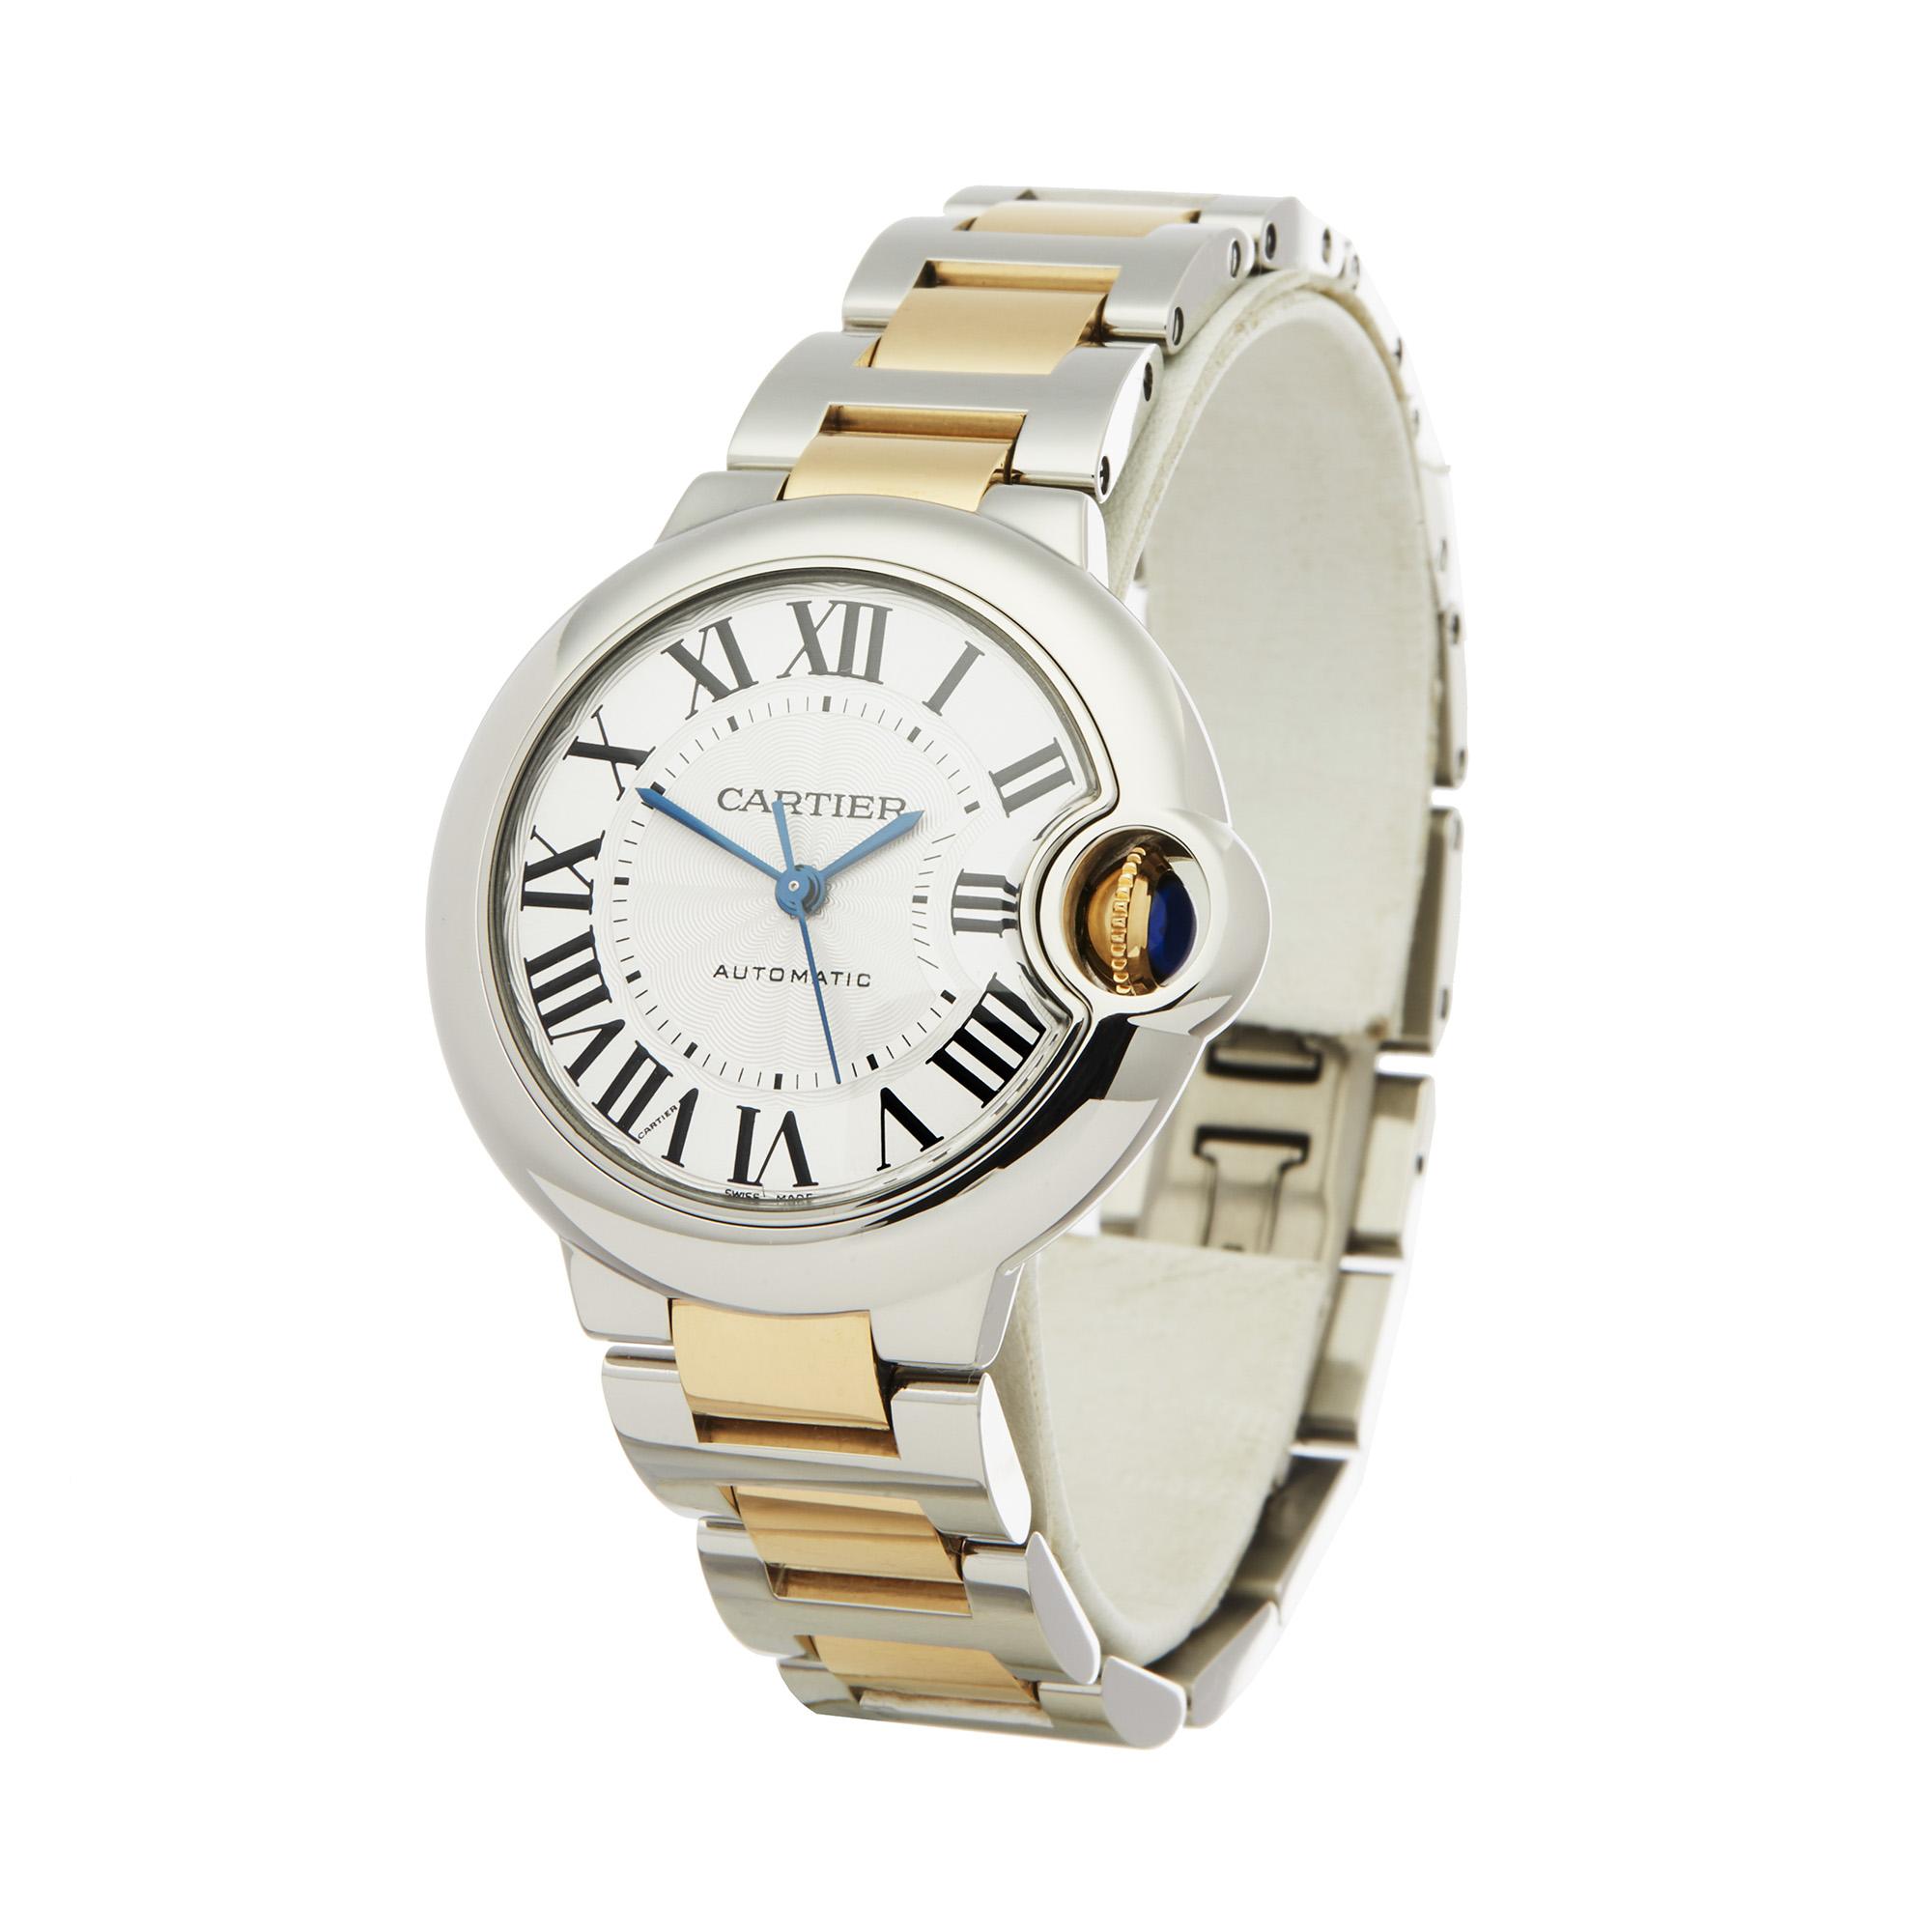 Cartier Ballon Bleu 3489 Ladies Stainless Steel & Yellow Gold Watch